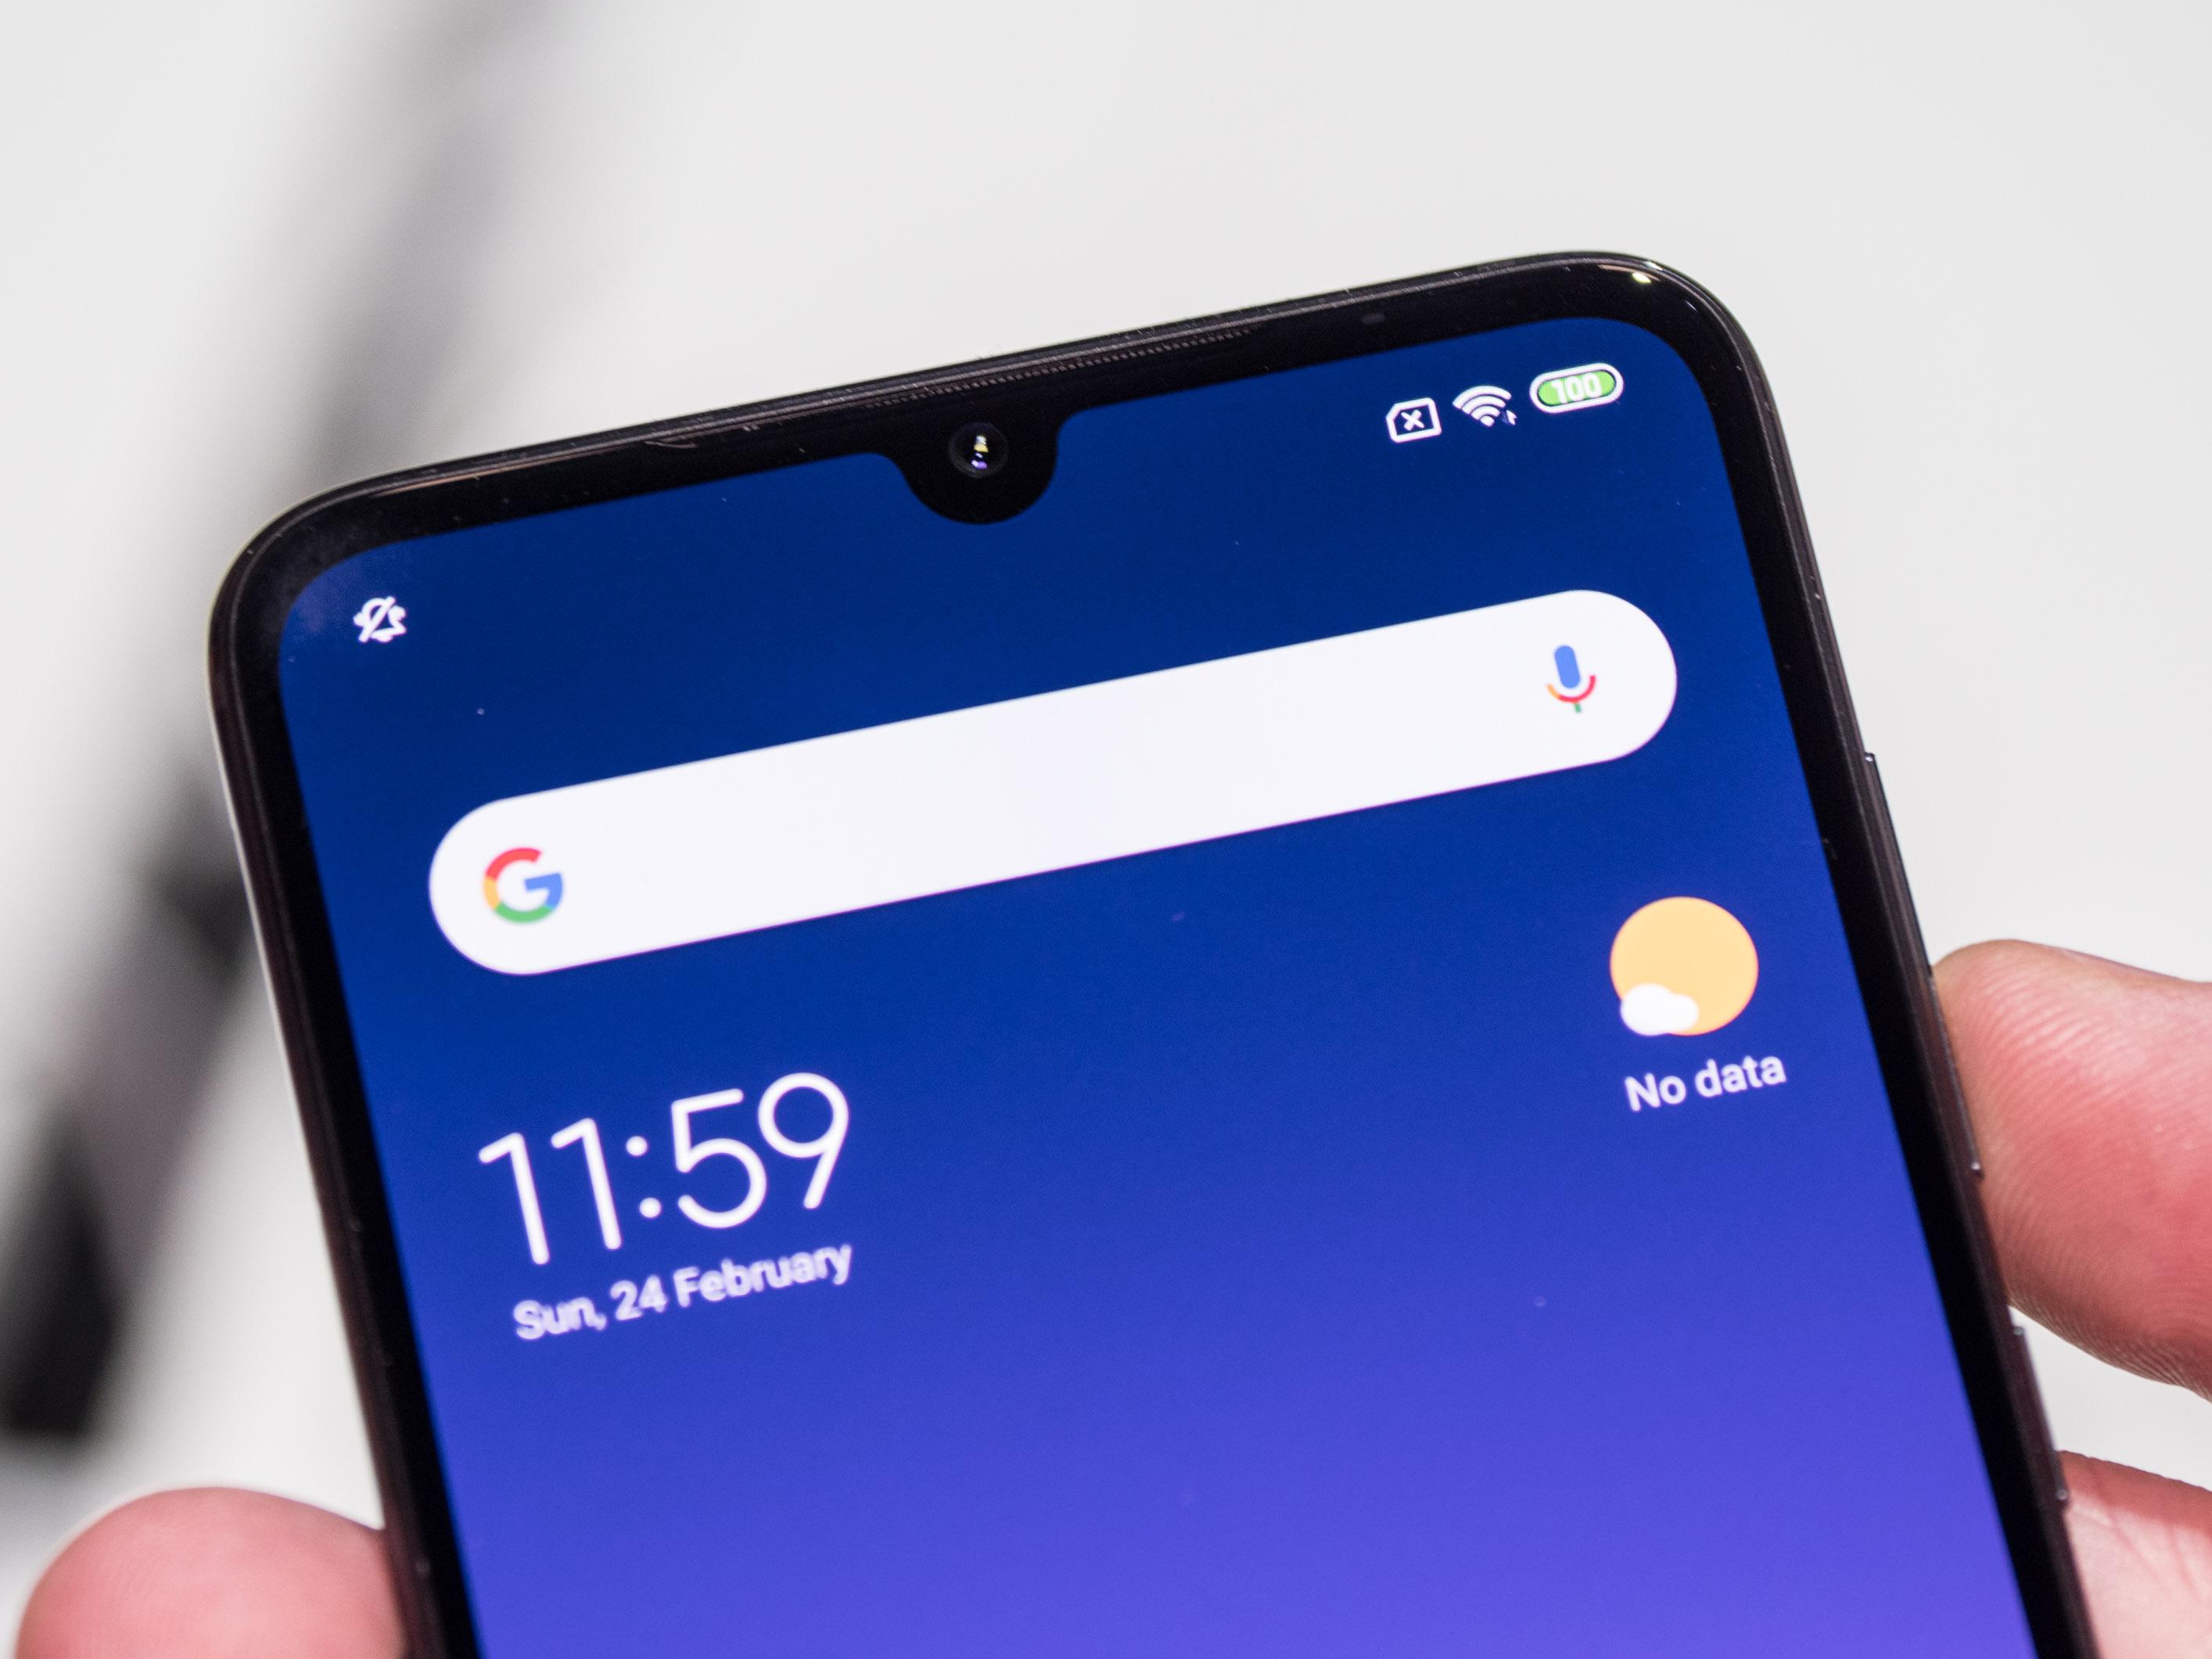 Xiaomi Mi 9 im Hands on: Topsmartphone mit Triple-Kamera für 450 Euro - Xiaomi Mi 9 (Bild: Martin Wolf/Golem.de)